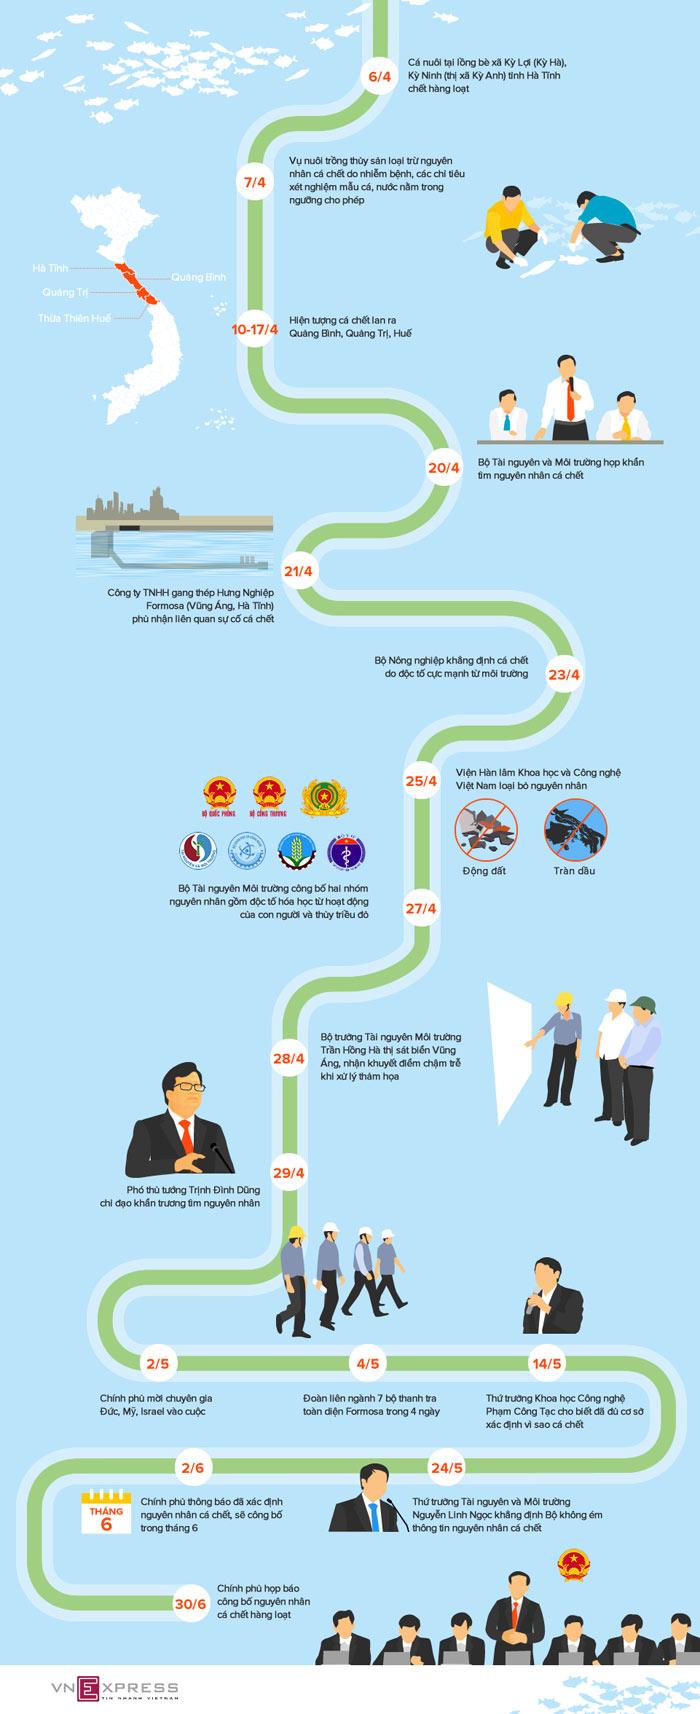 infographic 3 thang dieu tra nguyen nhan ca chet hang loat o mien trung